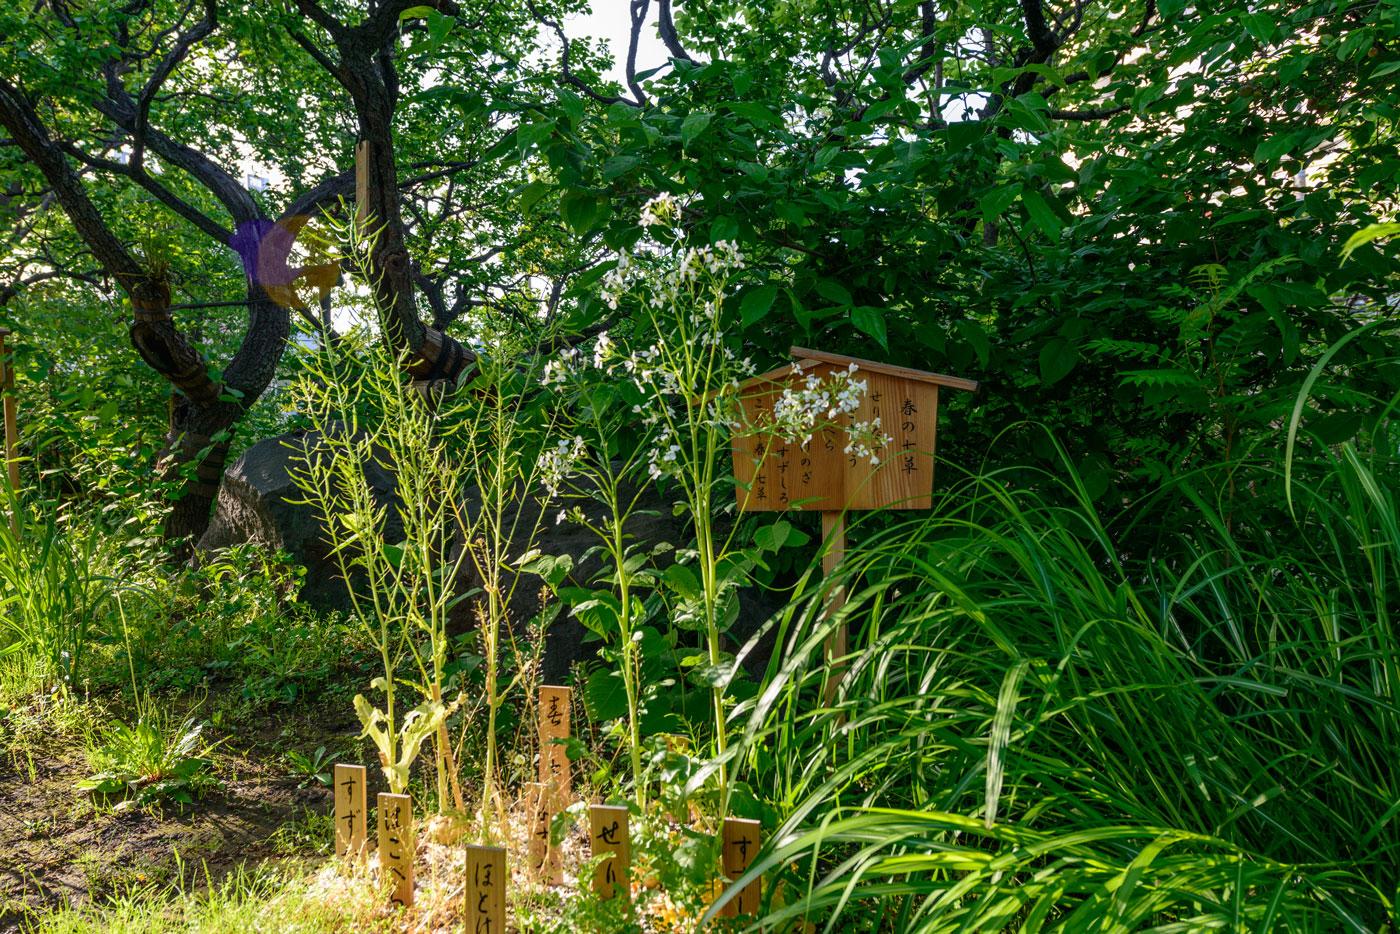 都立向島百花園6(春の七草)献上七草籠は明治時代からの習わしで毎年新春に皇室に献上されています)